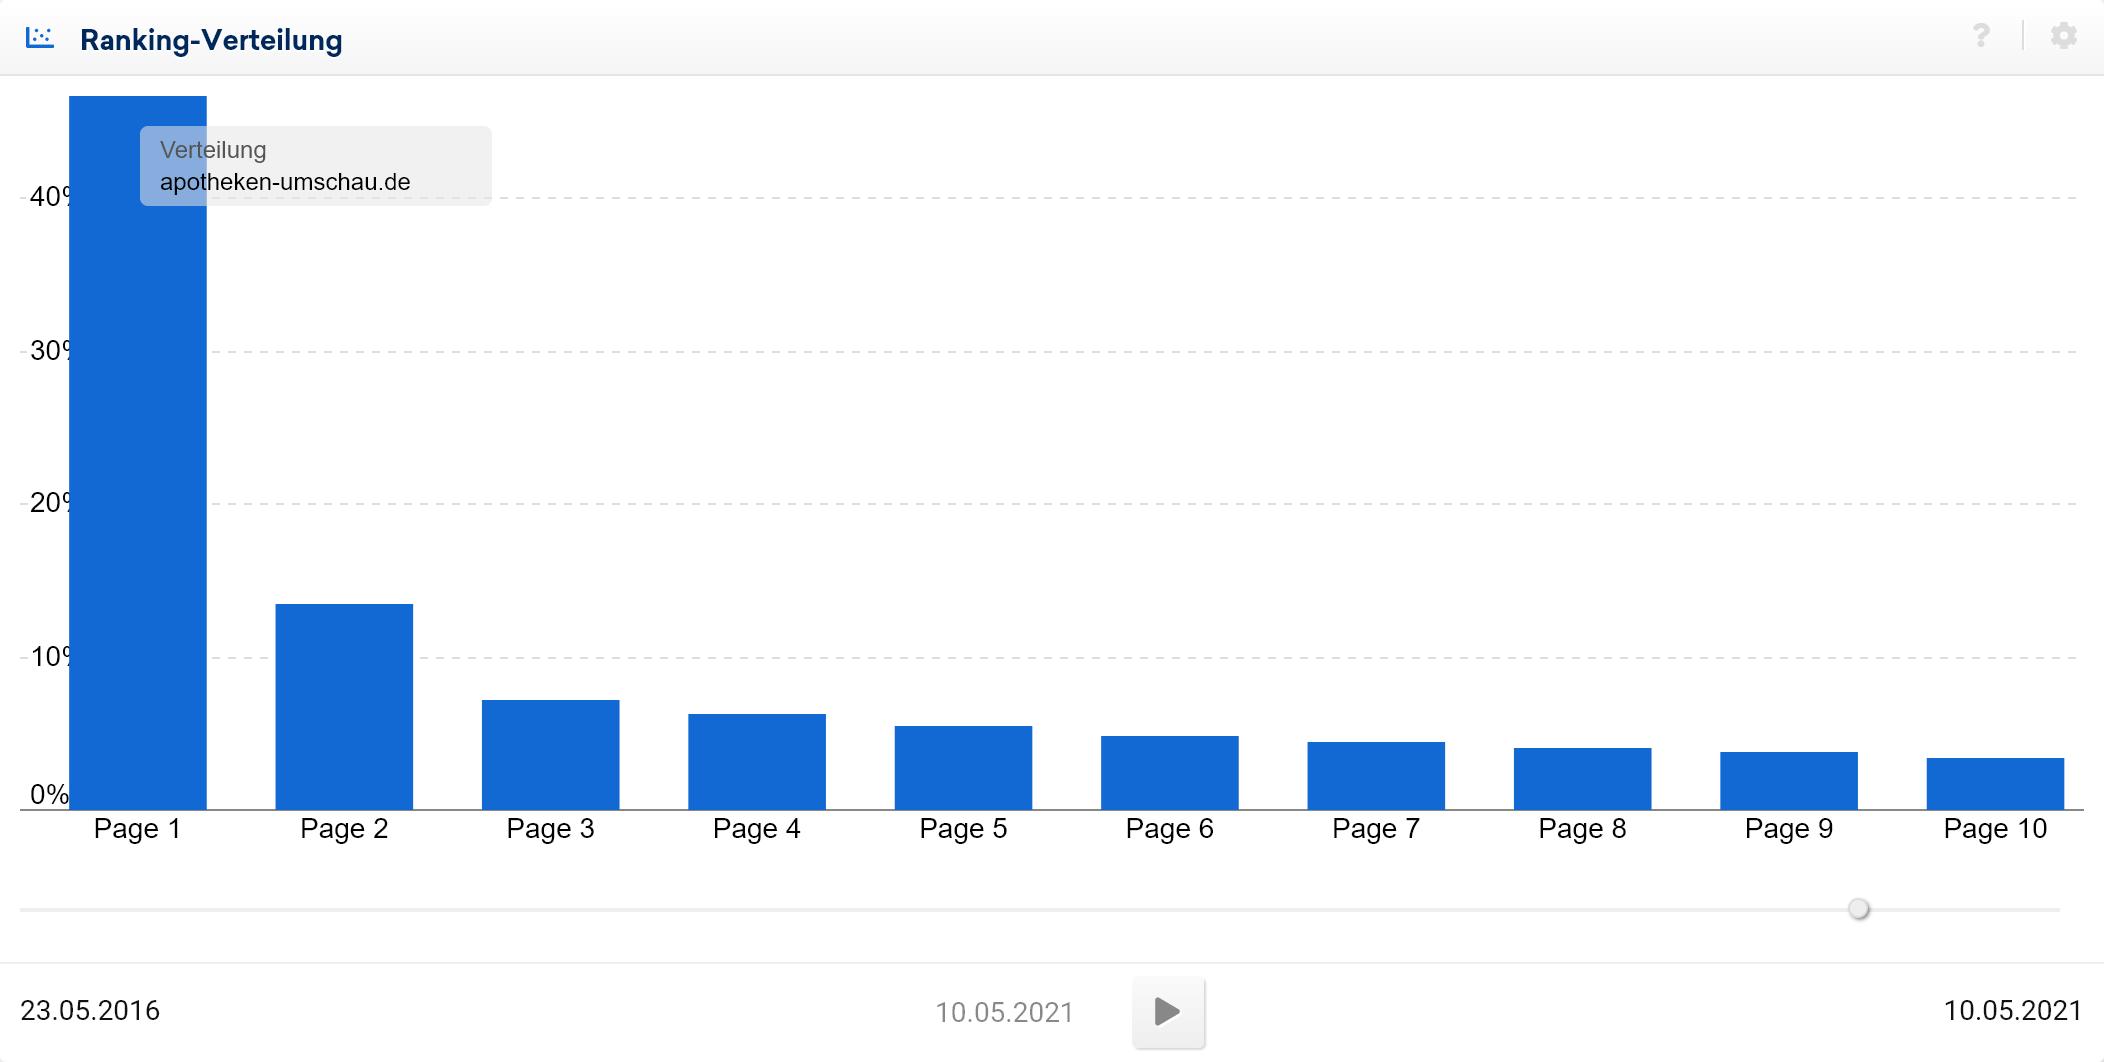 Beispiel High-Performance-Ranking-Verteilung